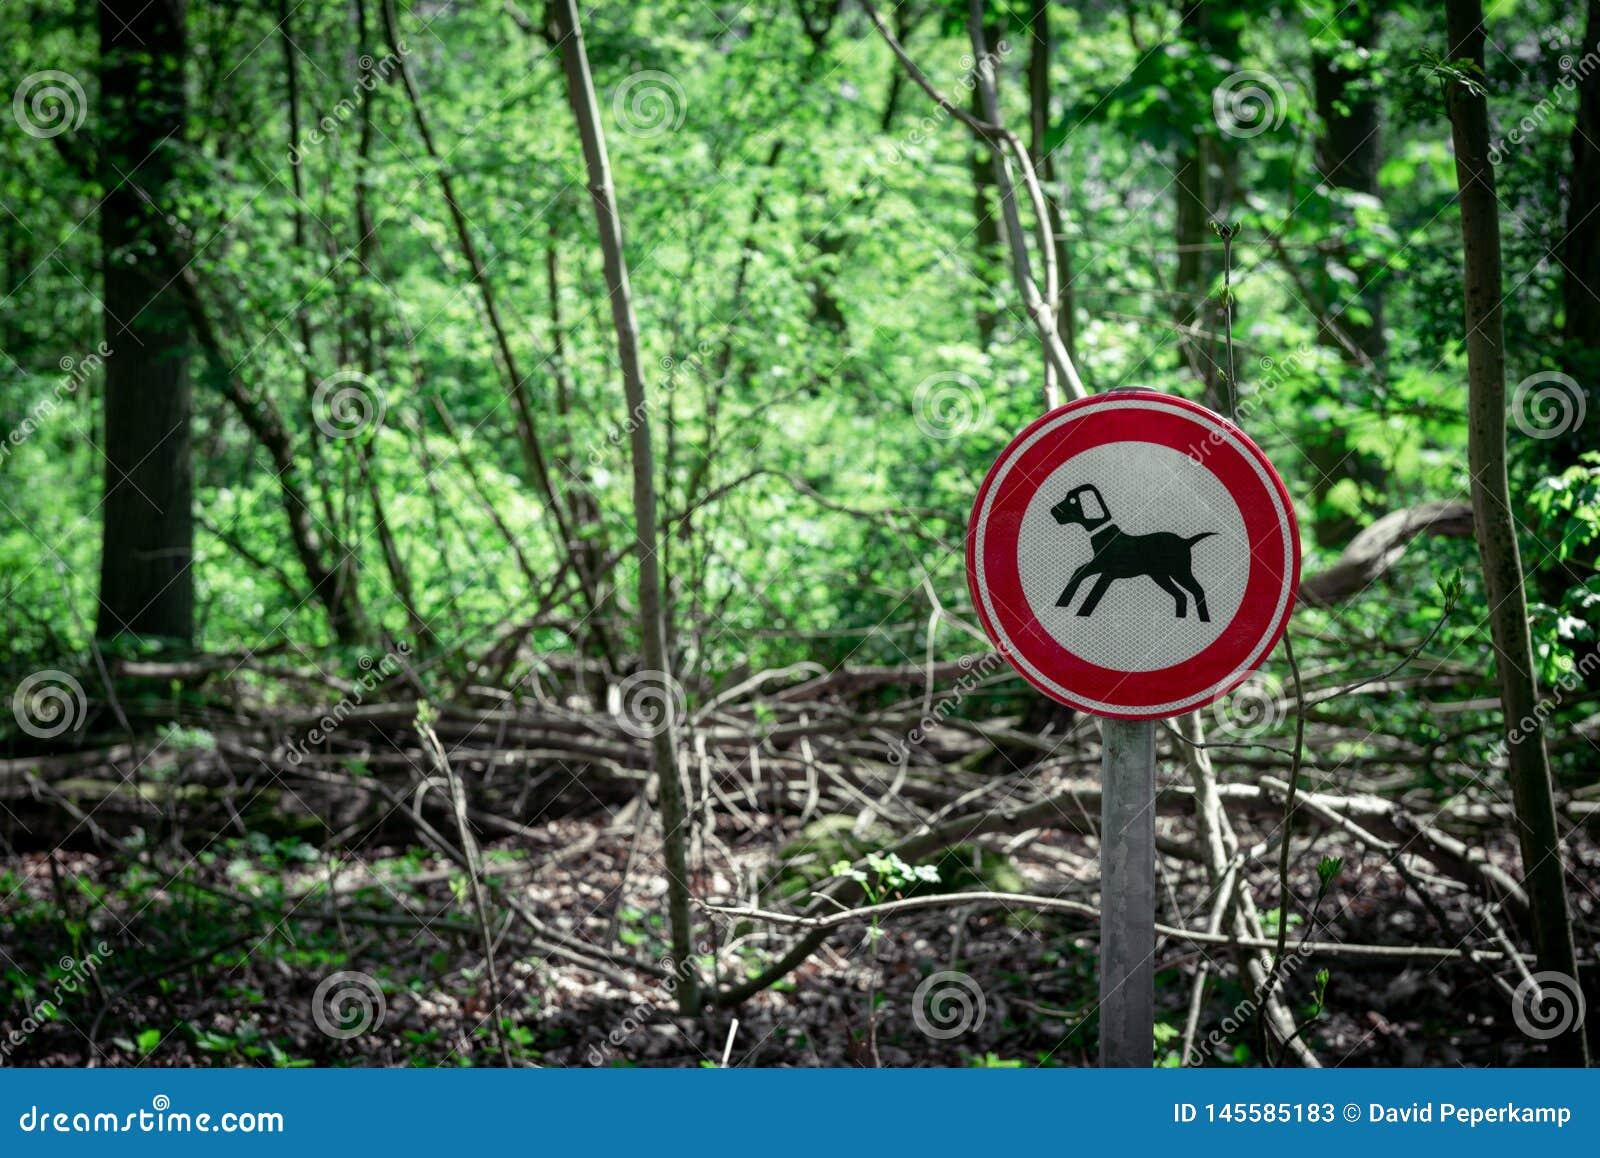 Mantenha seu sinal leashed cão